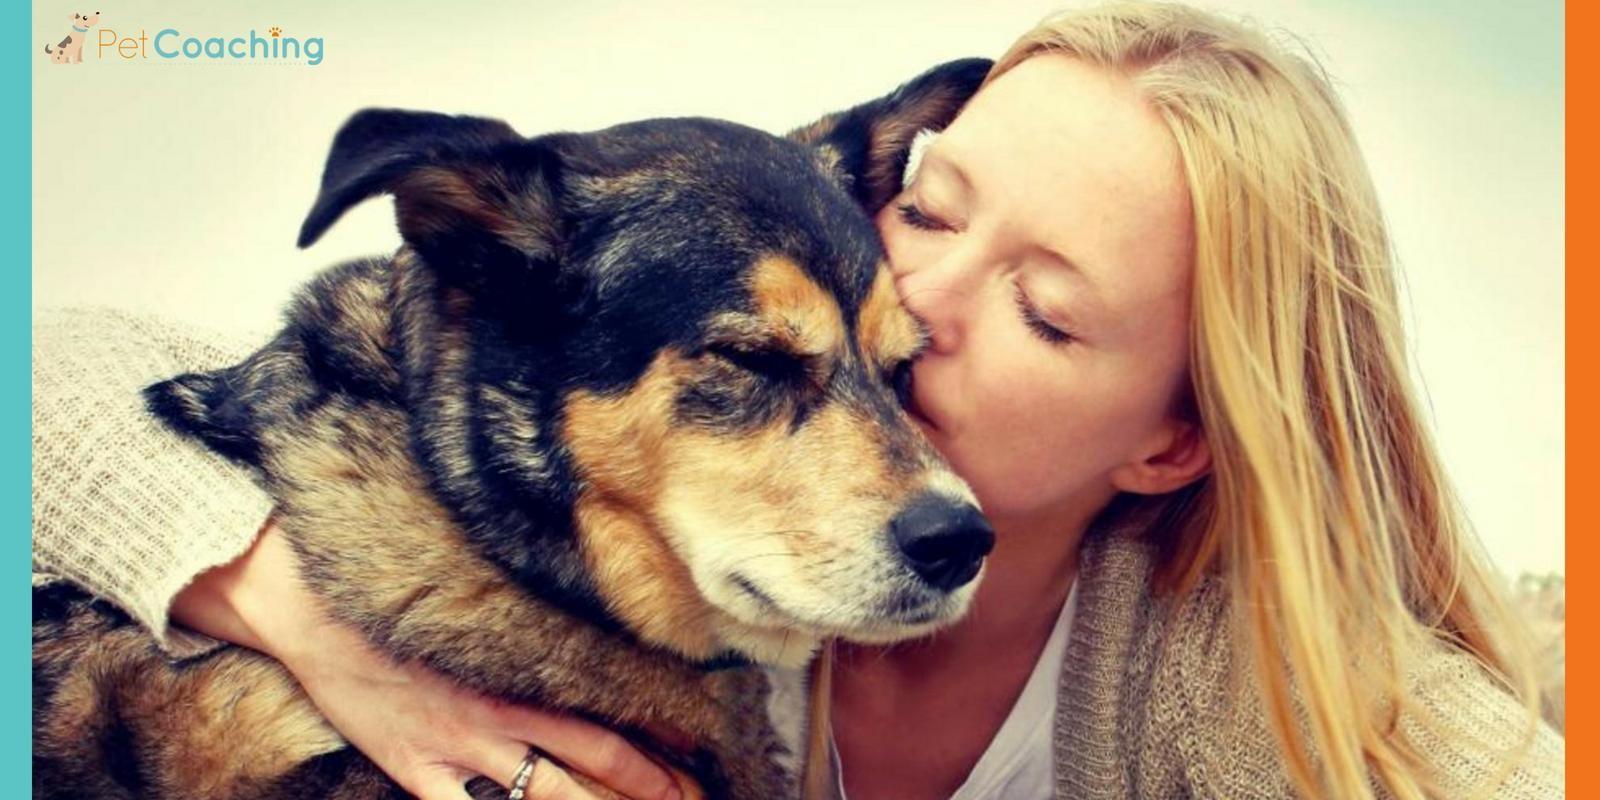 Lambeijos, Carla Ruas - Meu erro é amar demais meu cão...Será?